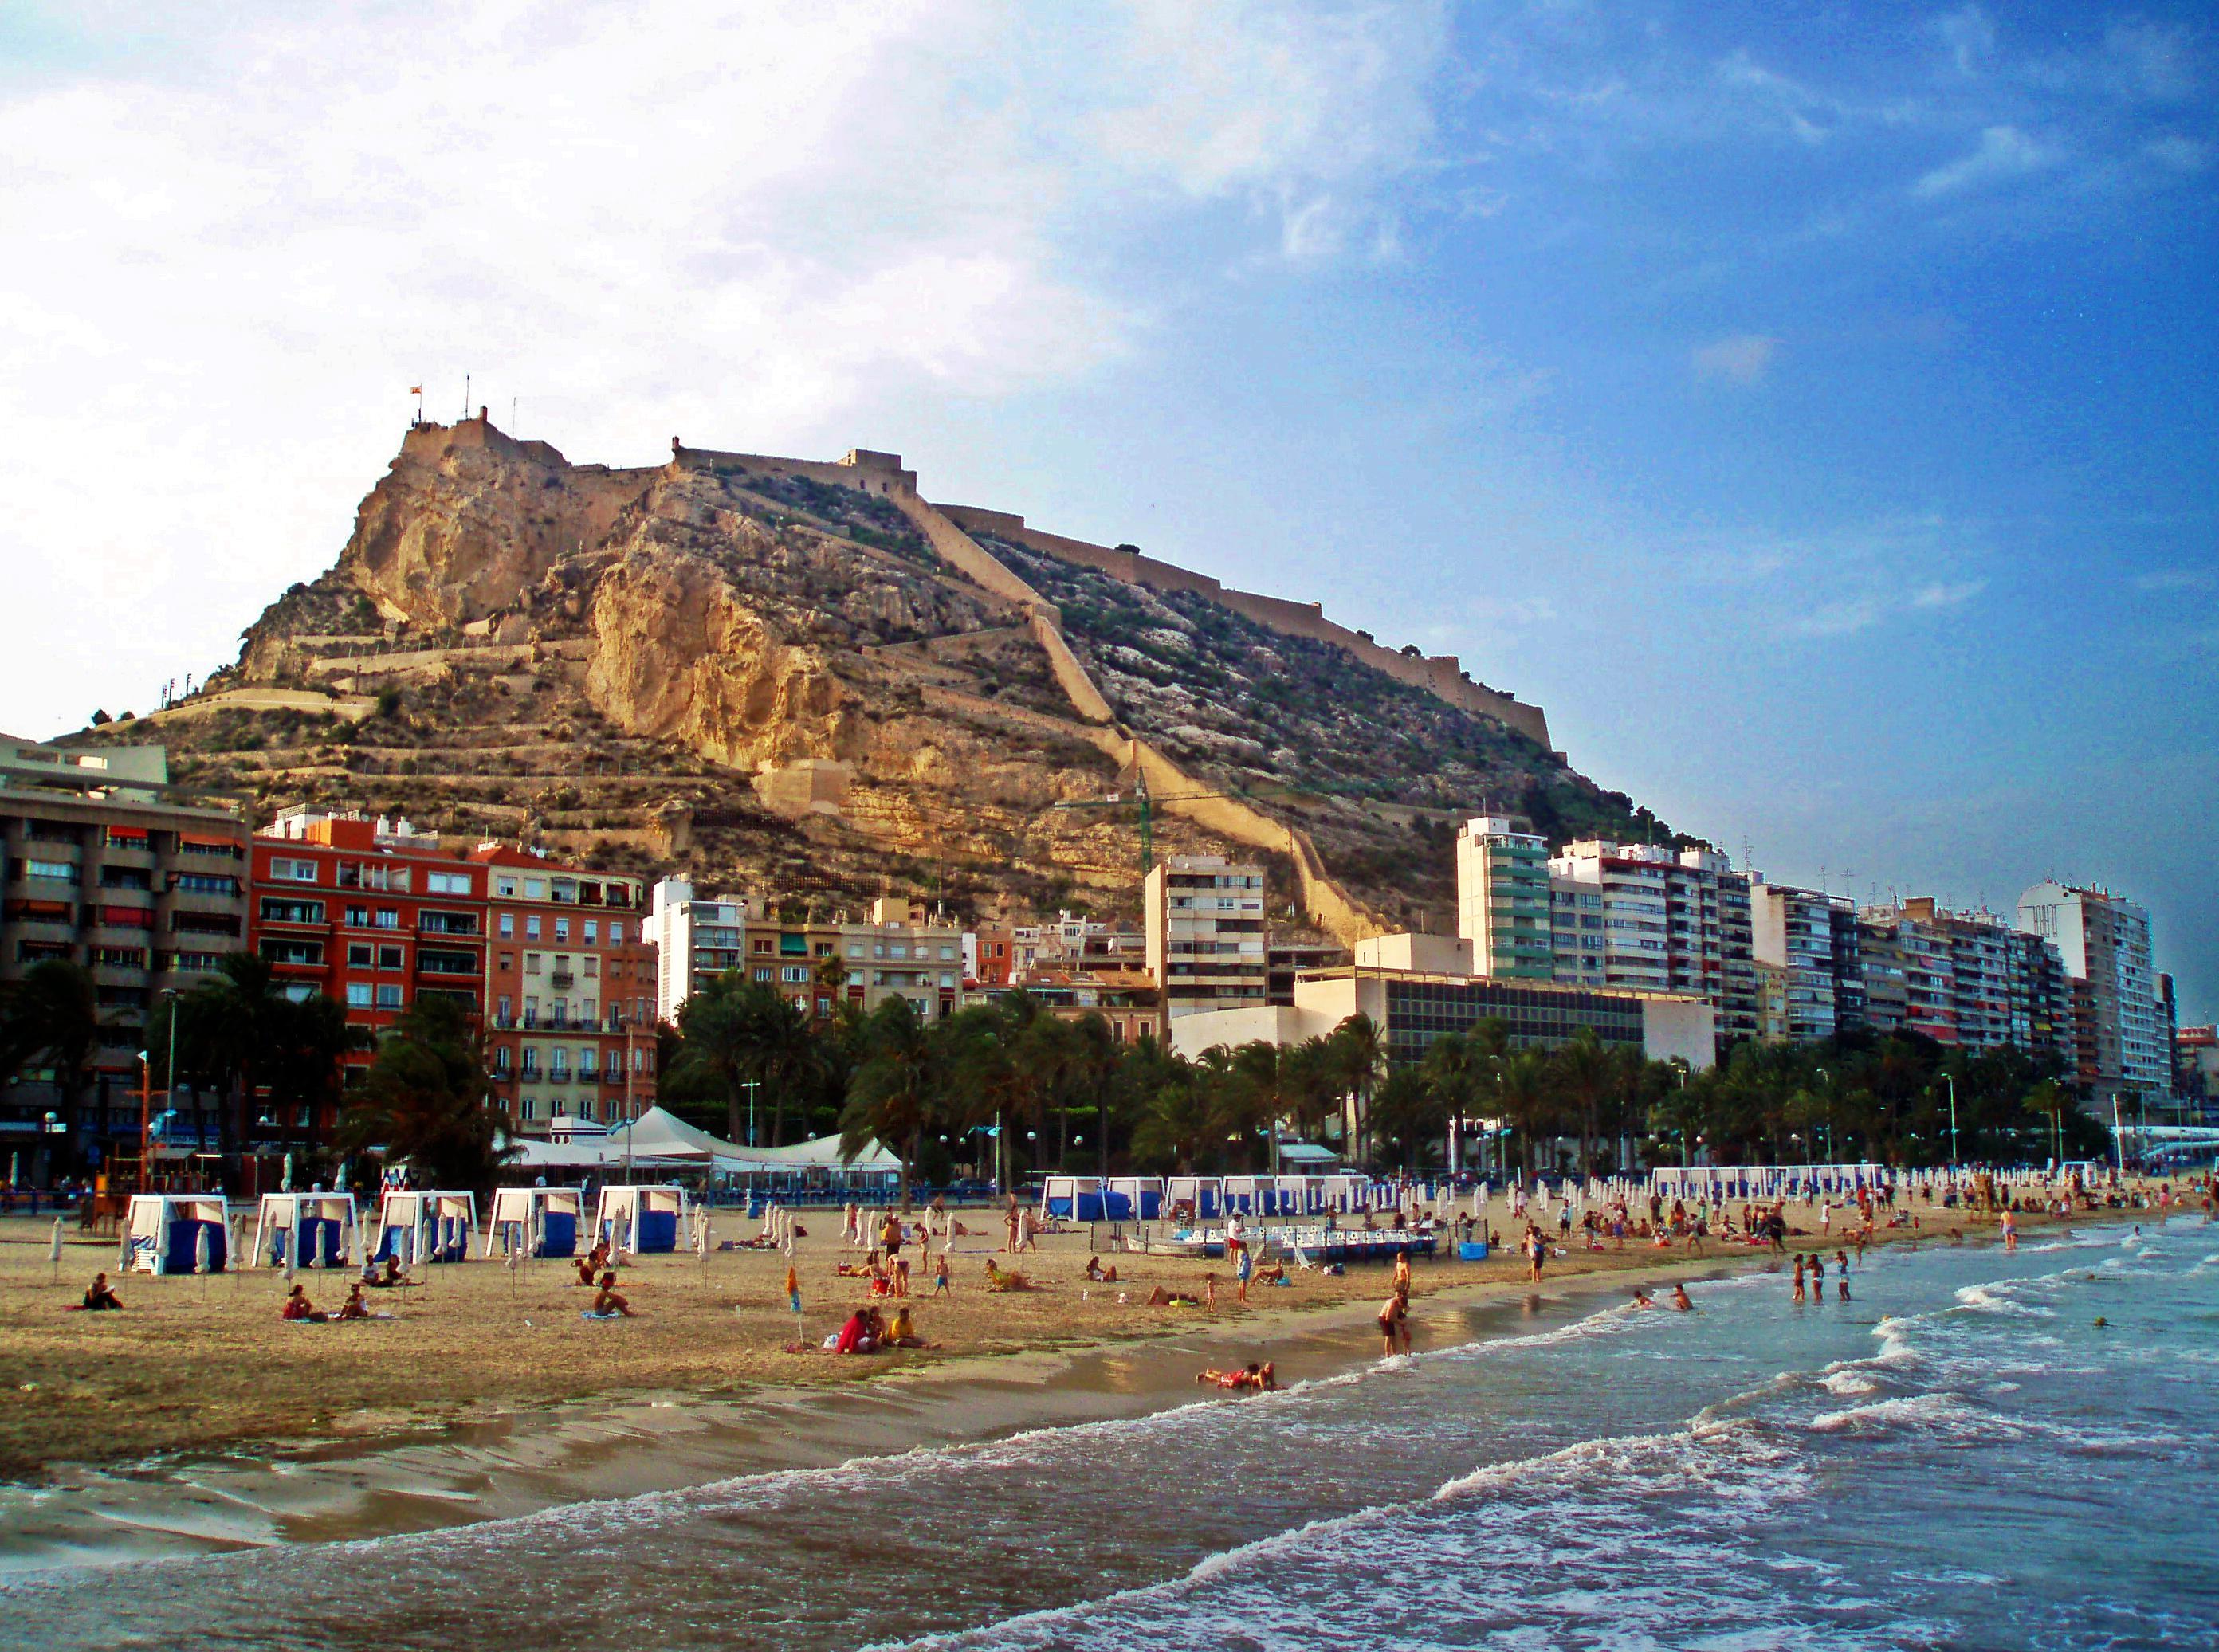 Resultado de imagen de playa postiguet